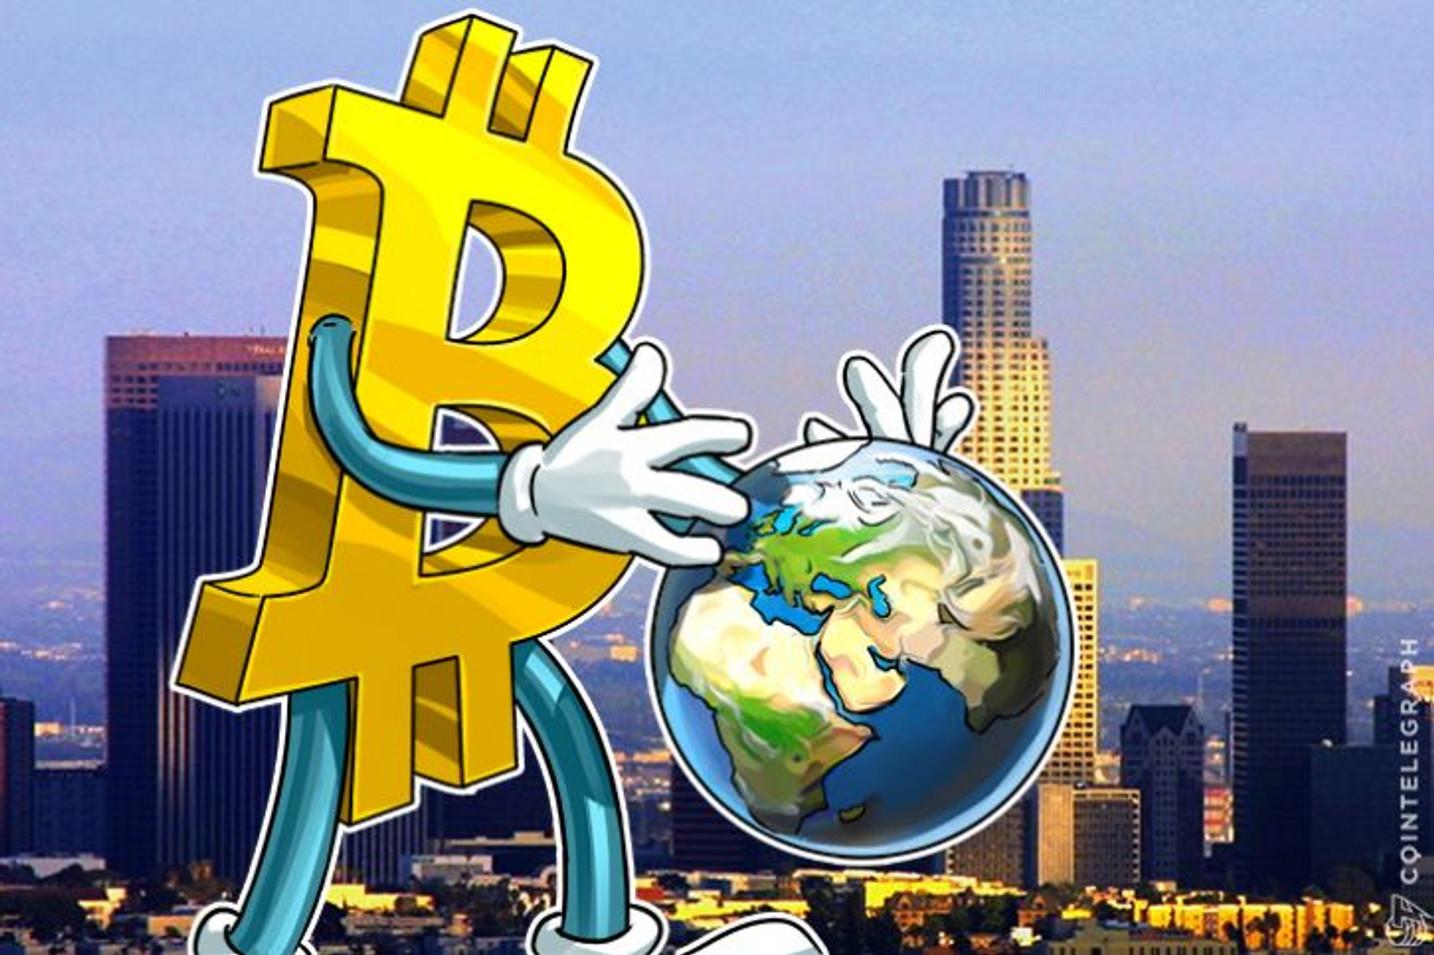 El CEO de Twitter dice que el Bitcoin se convertirá en la 'única moneda' del mundo dentro de una década